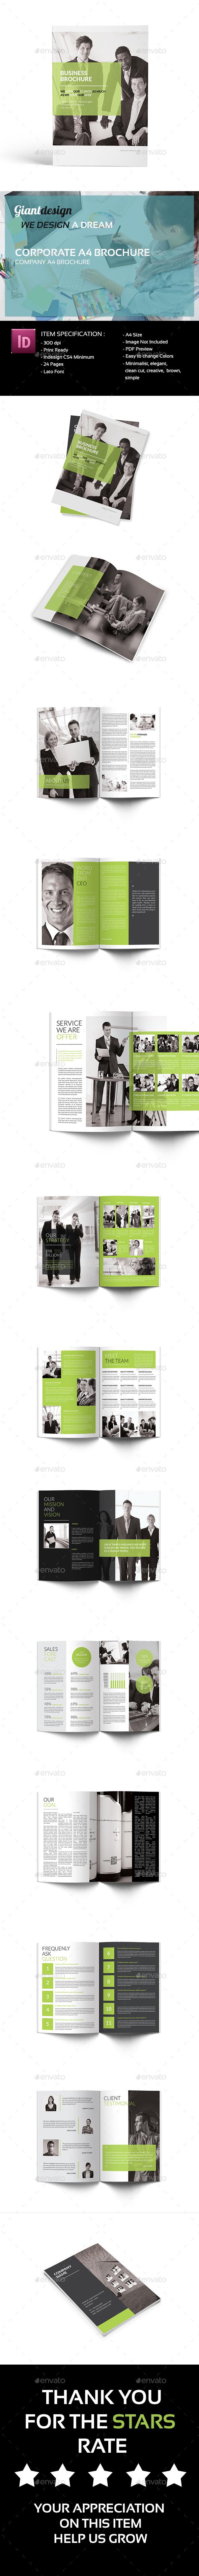 Corporate A4 Brochure - Corporate Brochures